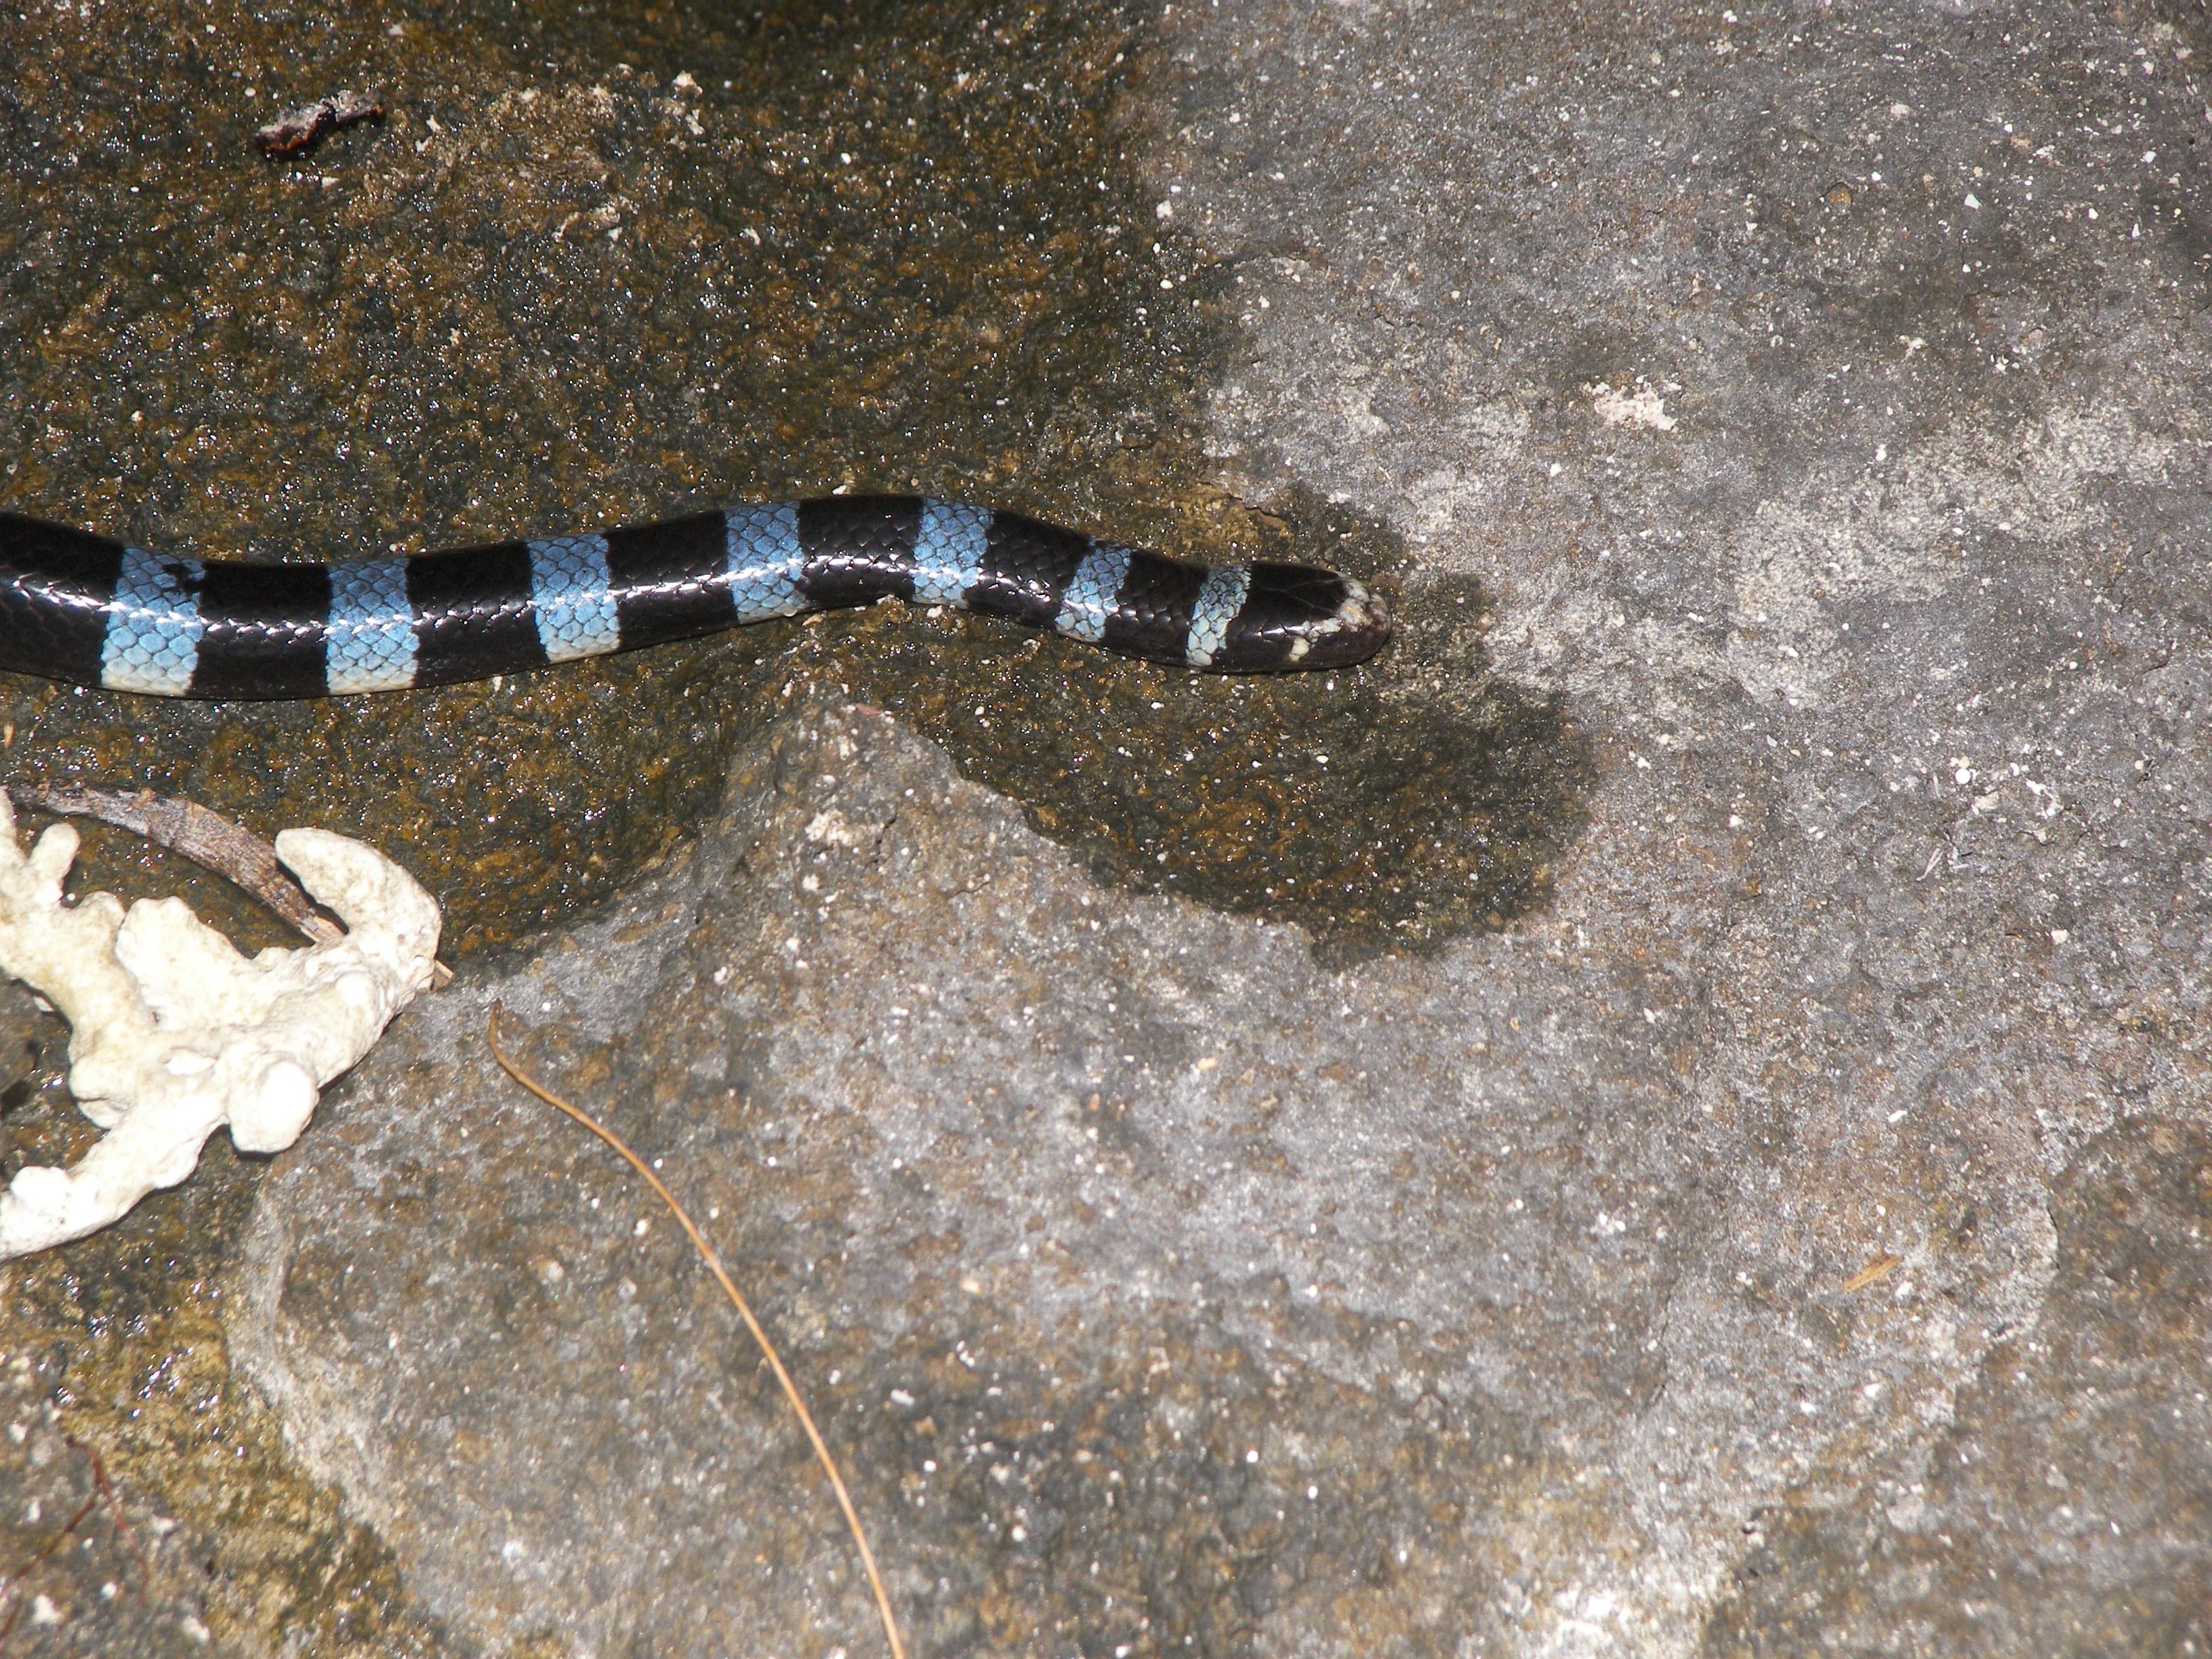 Tricot rayé sea snake